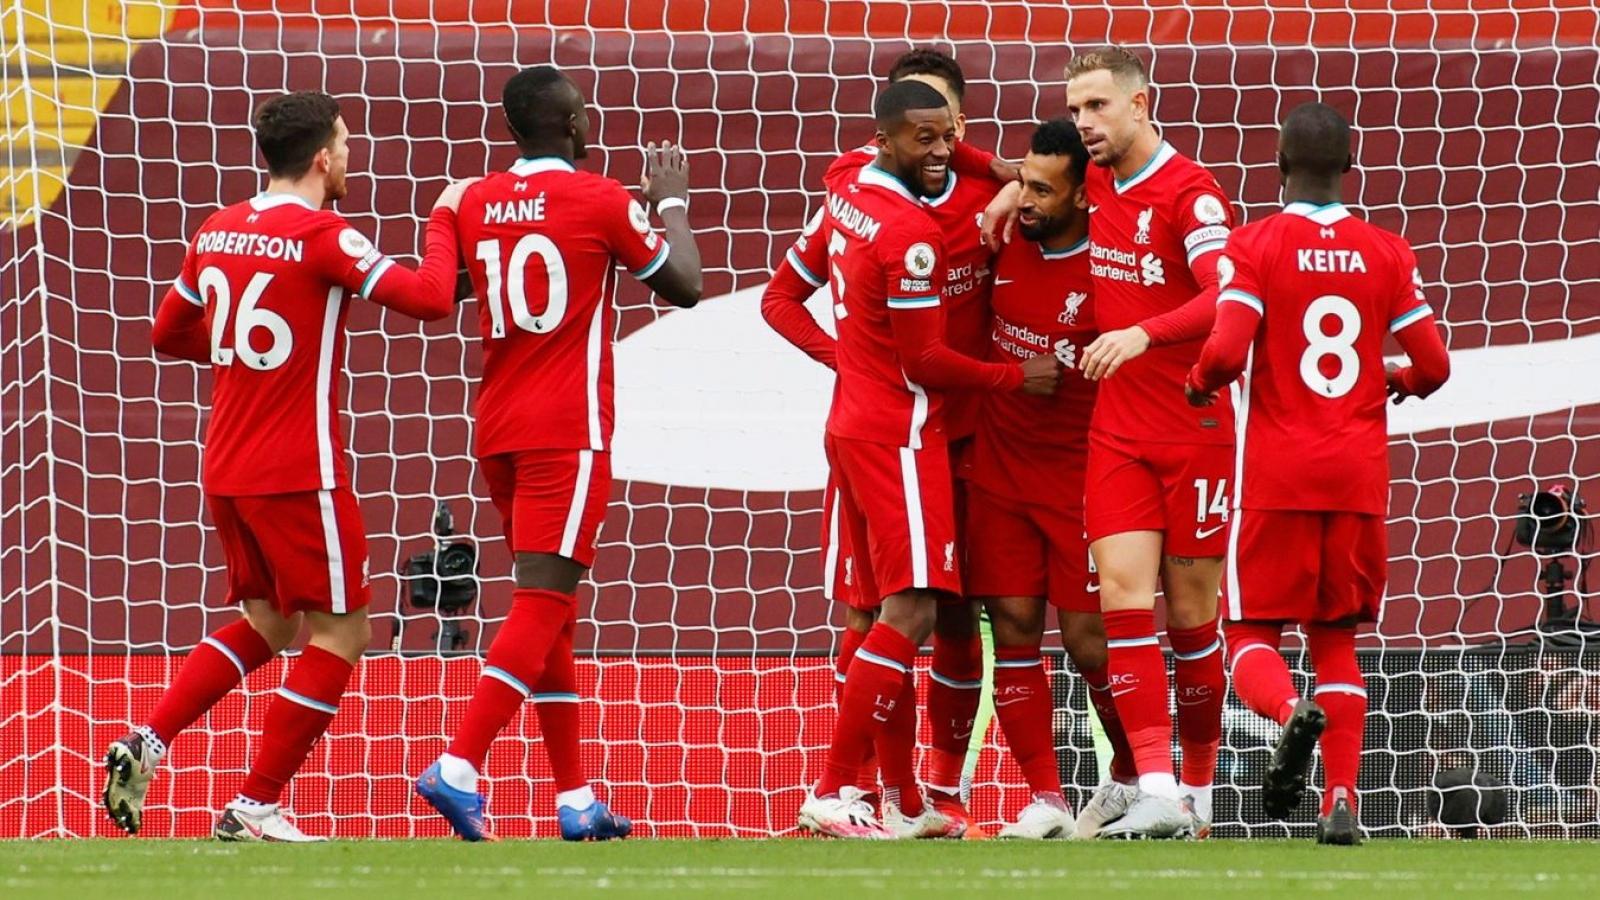 """Salah lập hat-trick, Liverpool thắng nghẹt thở tân binh Leeds trong trận cầu """"điên rồ"""""""